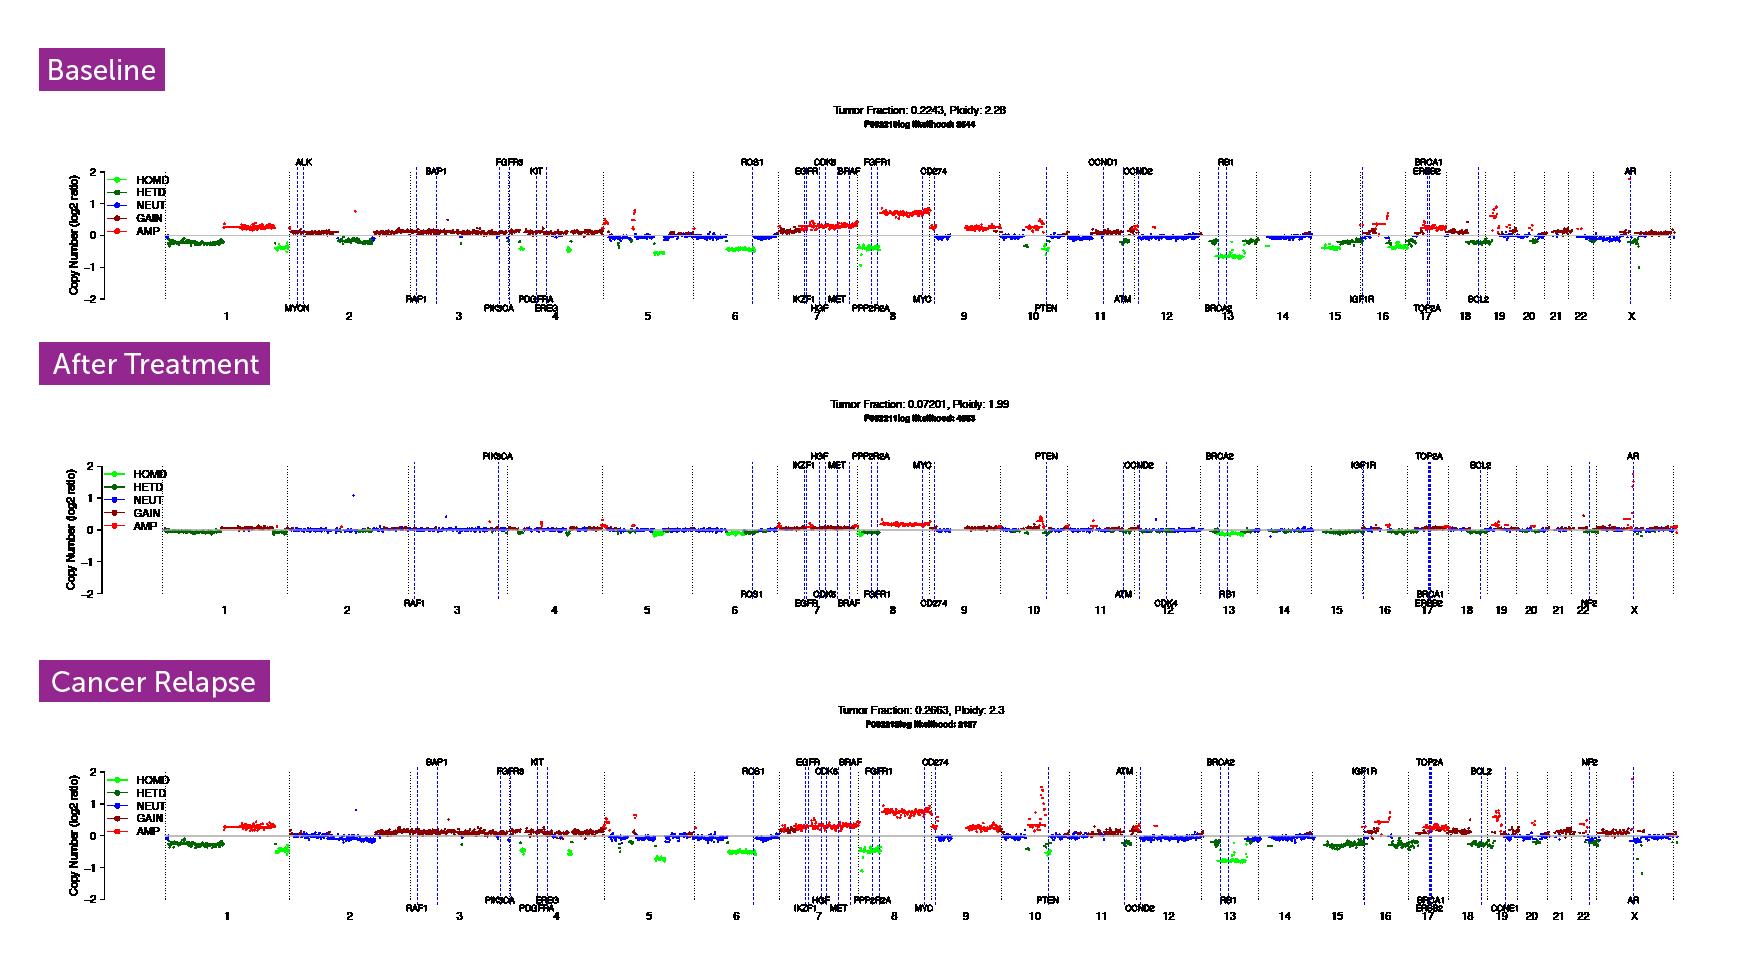 PredicineWGS on mCRPC